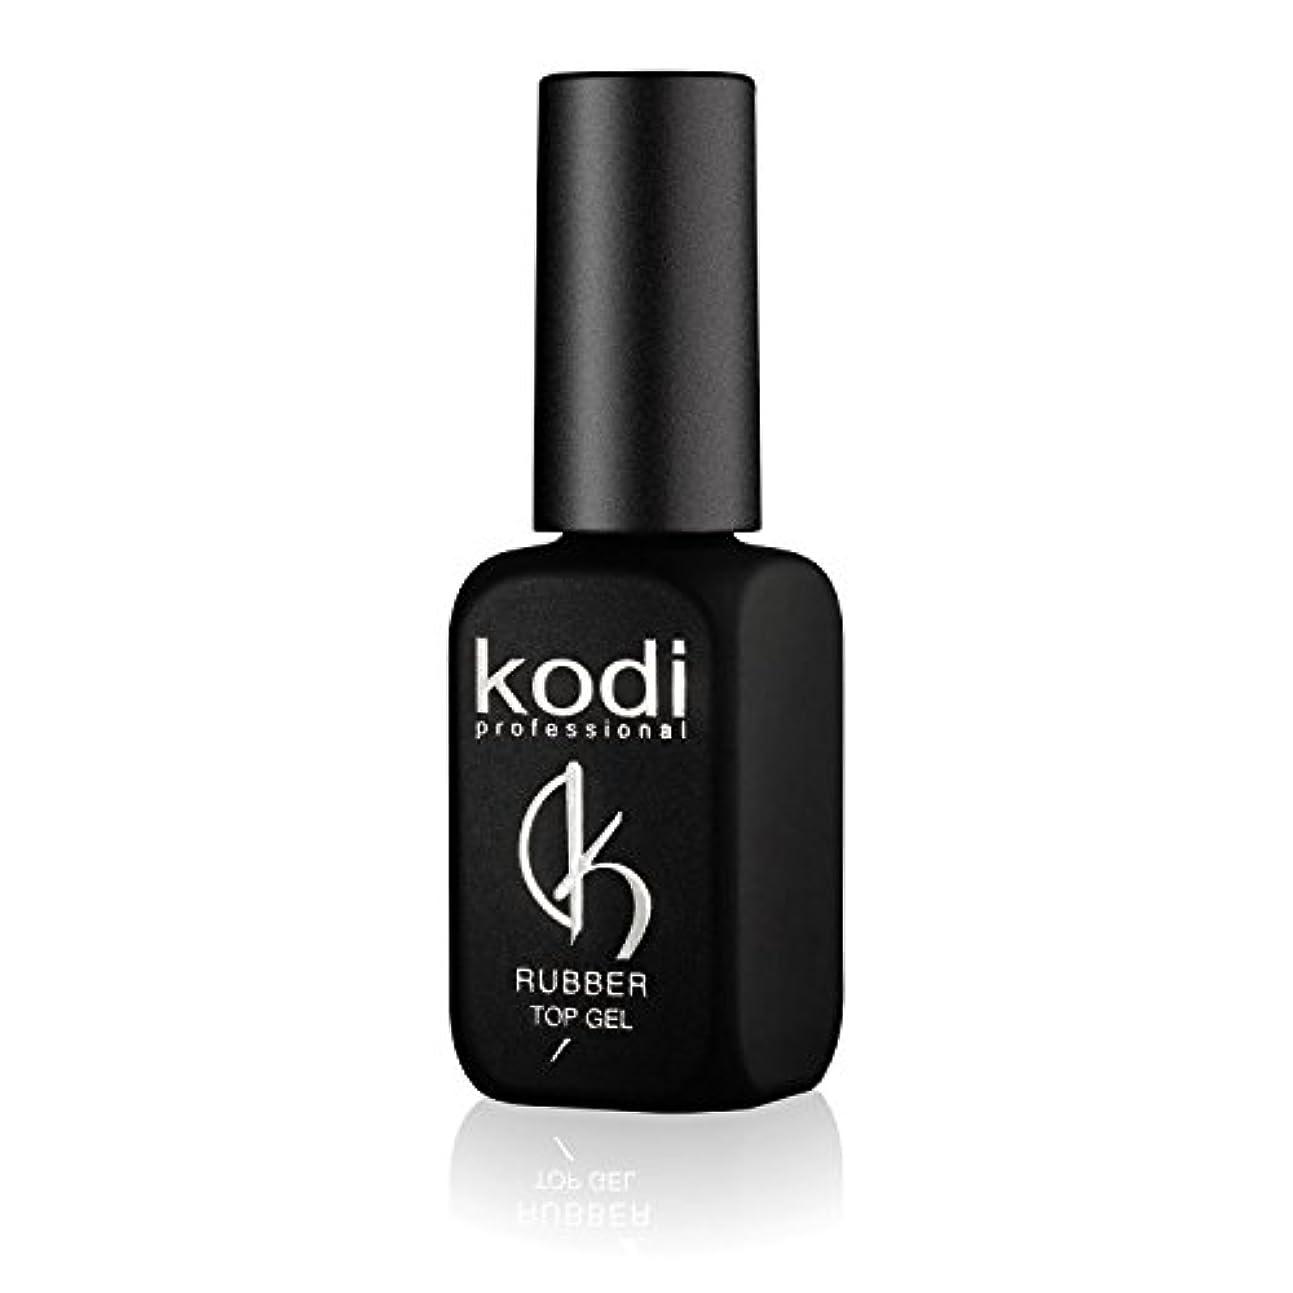 寄託下に同化Professional Rubber Top Gel By Kodi | 12ml 0.42 oz | Soak Off, Polish Fingernails Coat Gel | For Long Lasting...